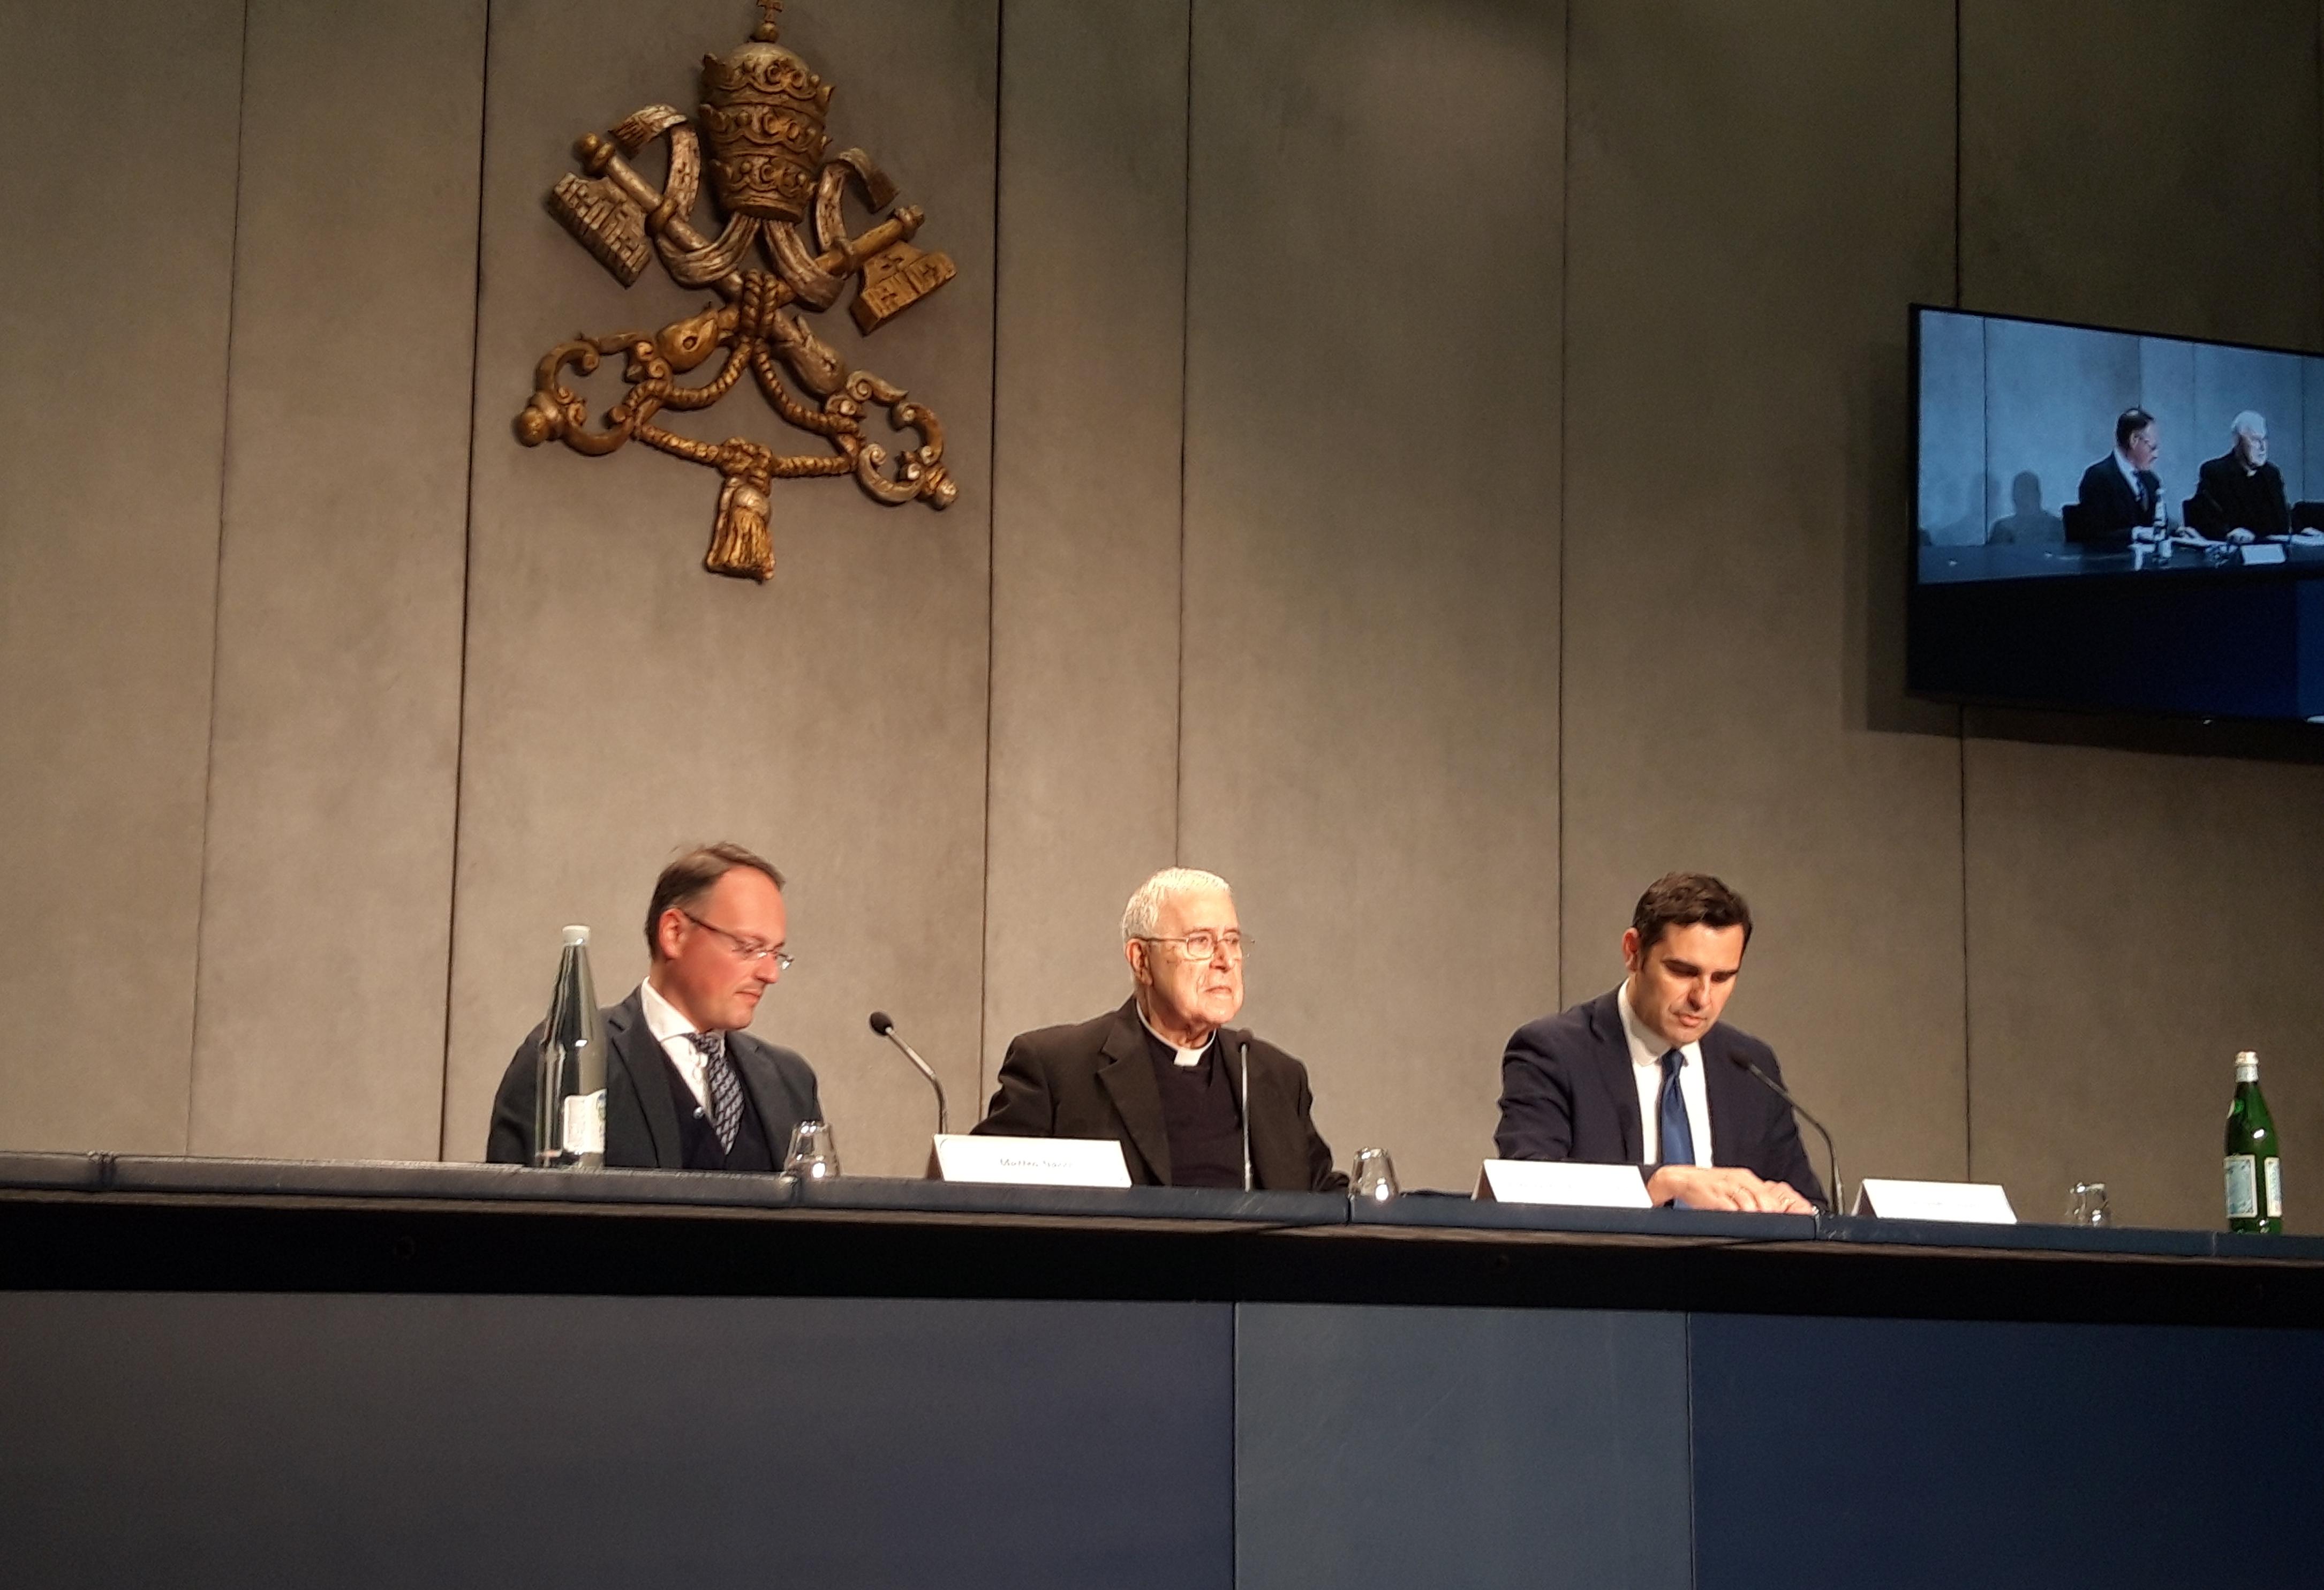 Presentación del Coloquio de los Pactos Lateranenses © ZENIT (Rosa Die)